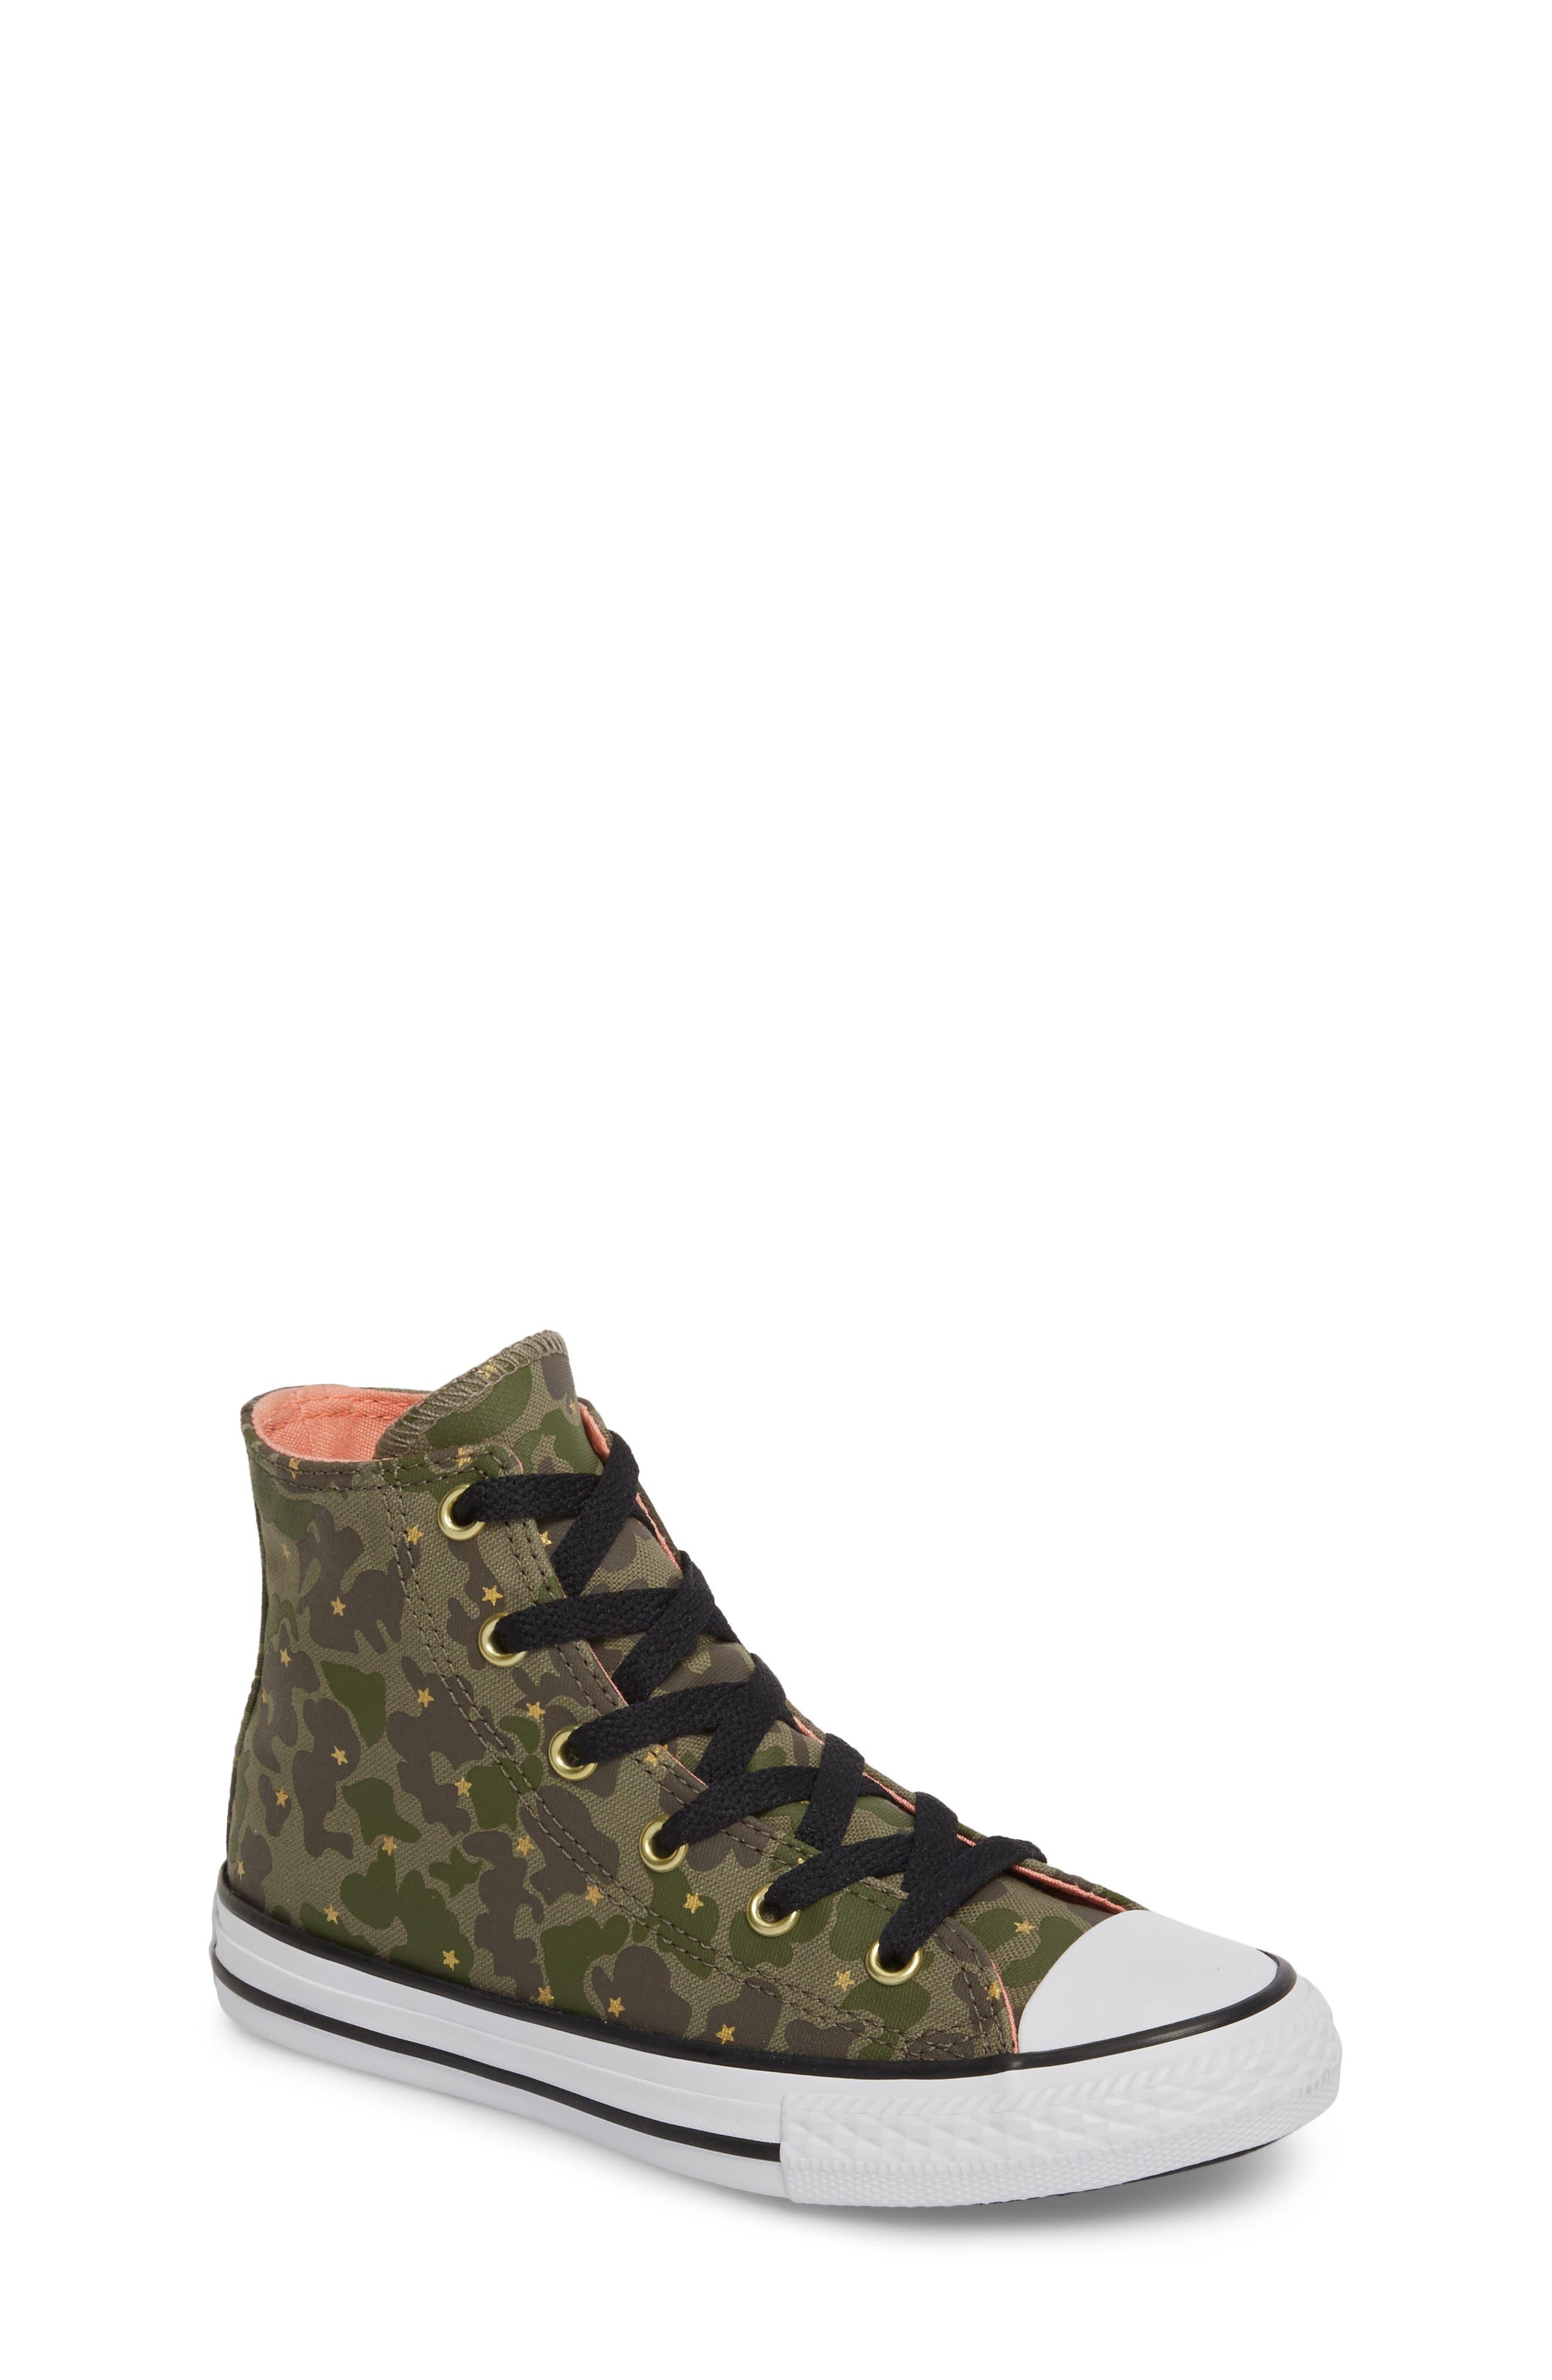 Camo High Top Sneaker,                         Main,                         color,